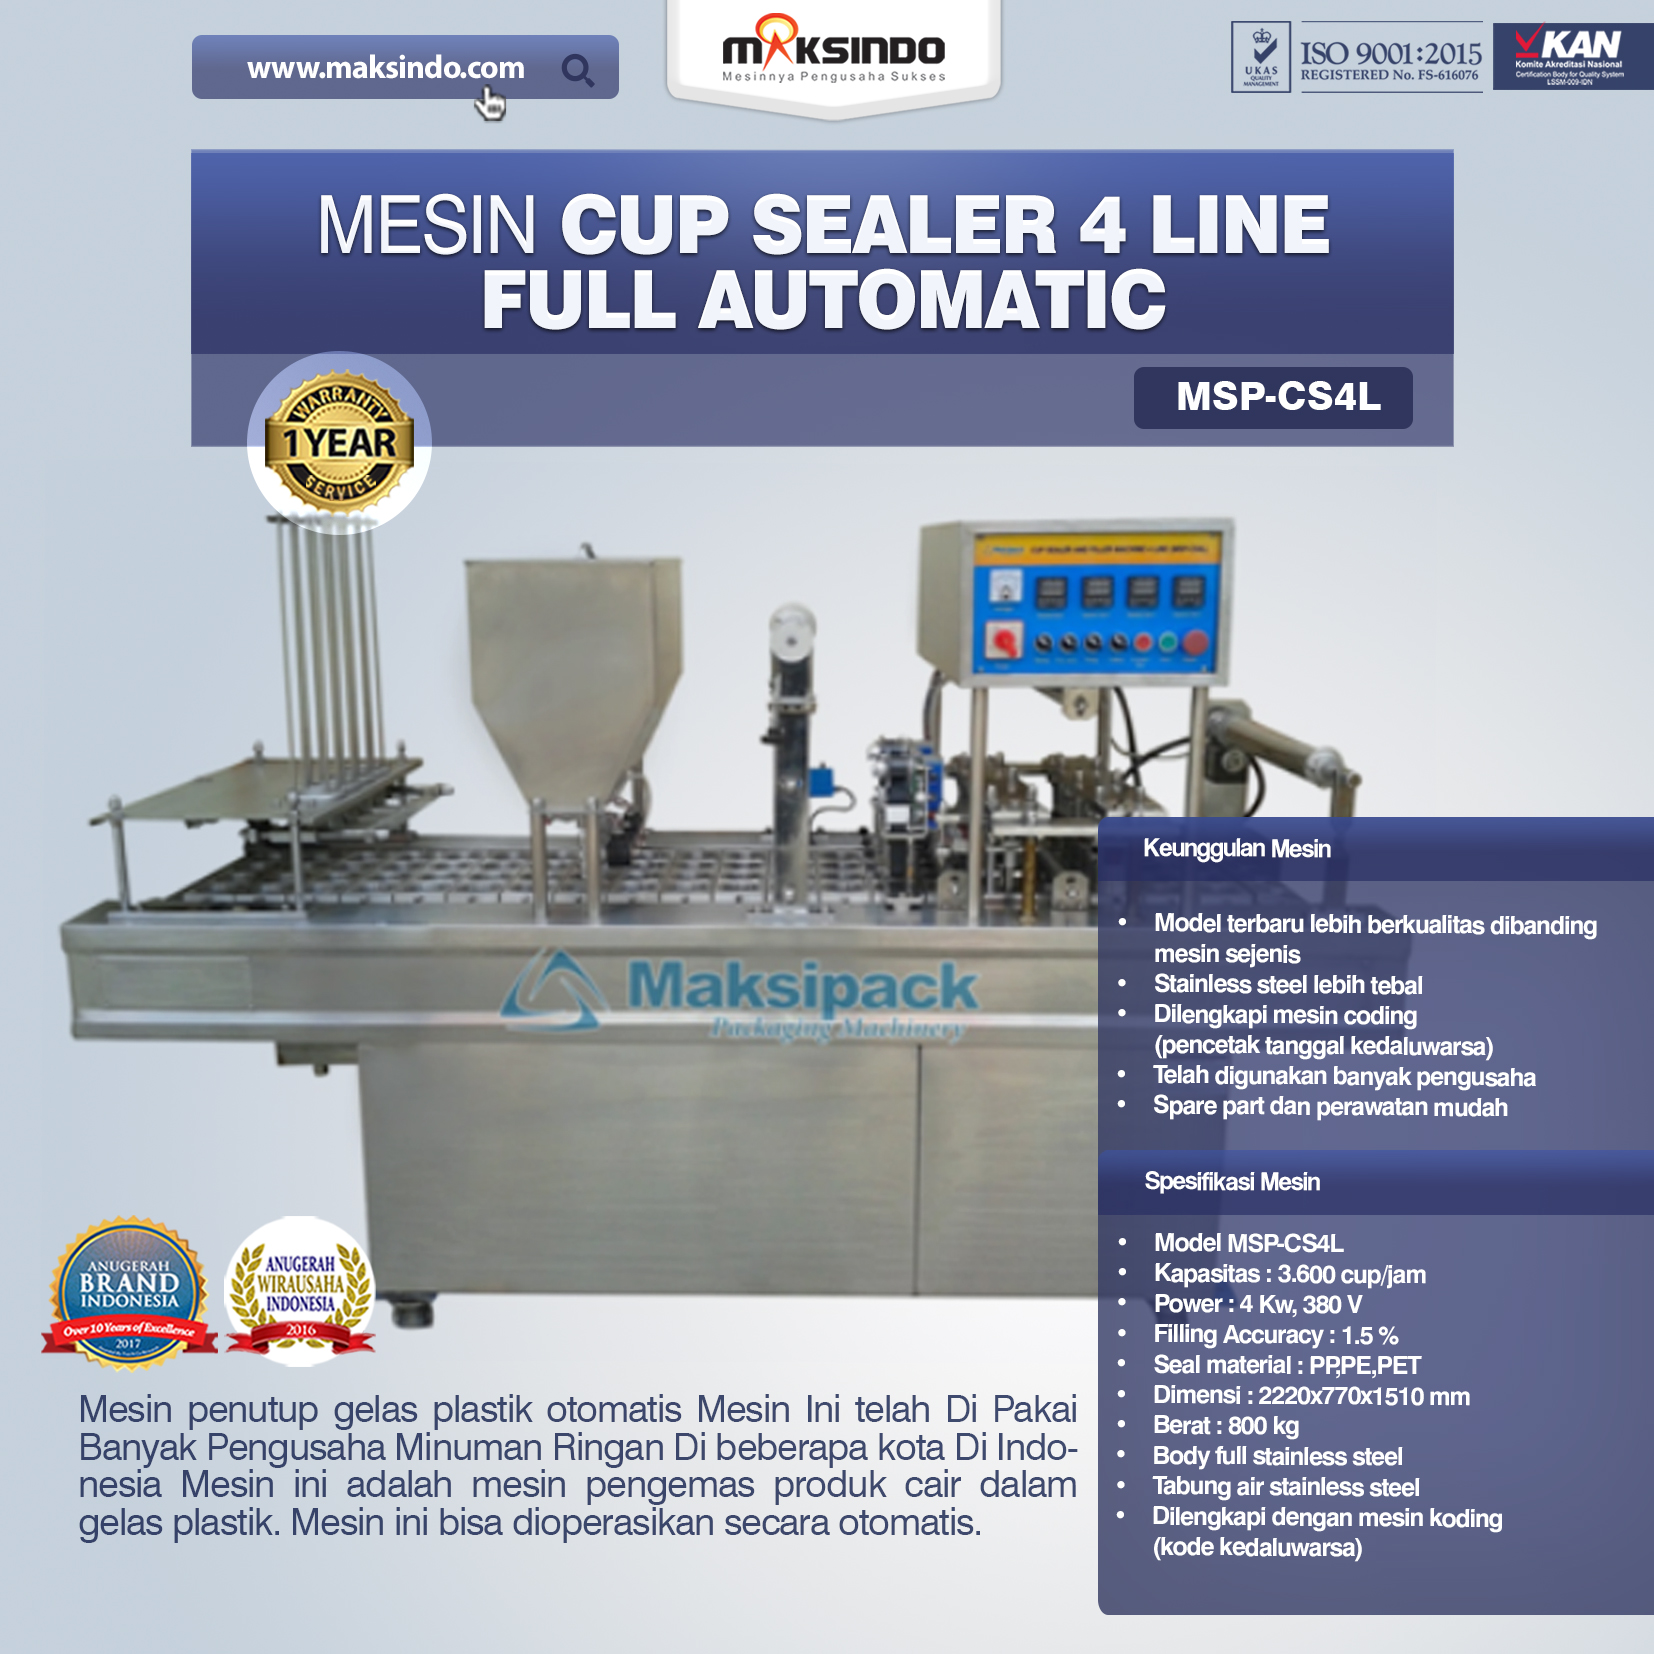 Jual Mesin Cup Sealer 4 line di Solo